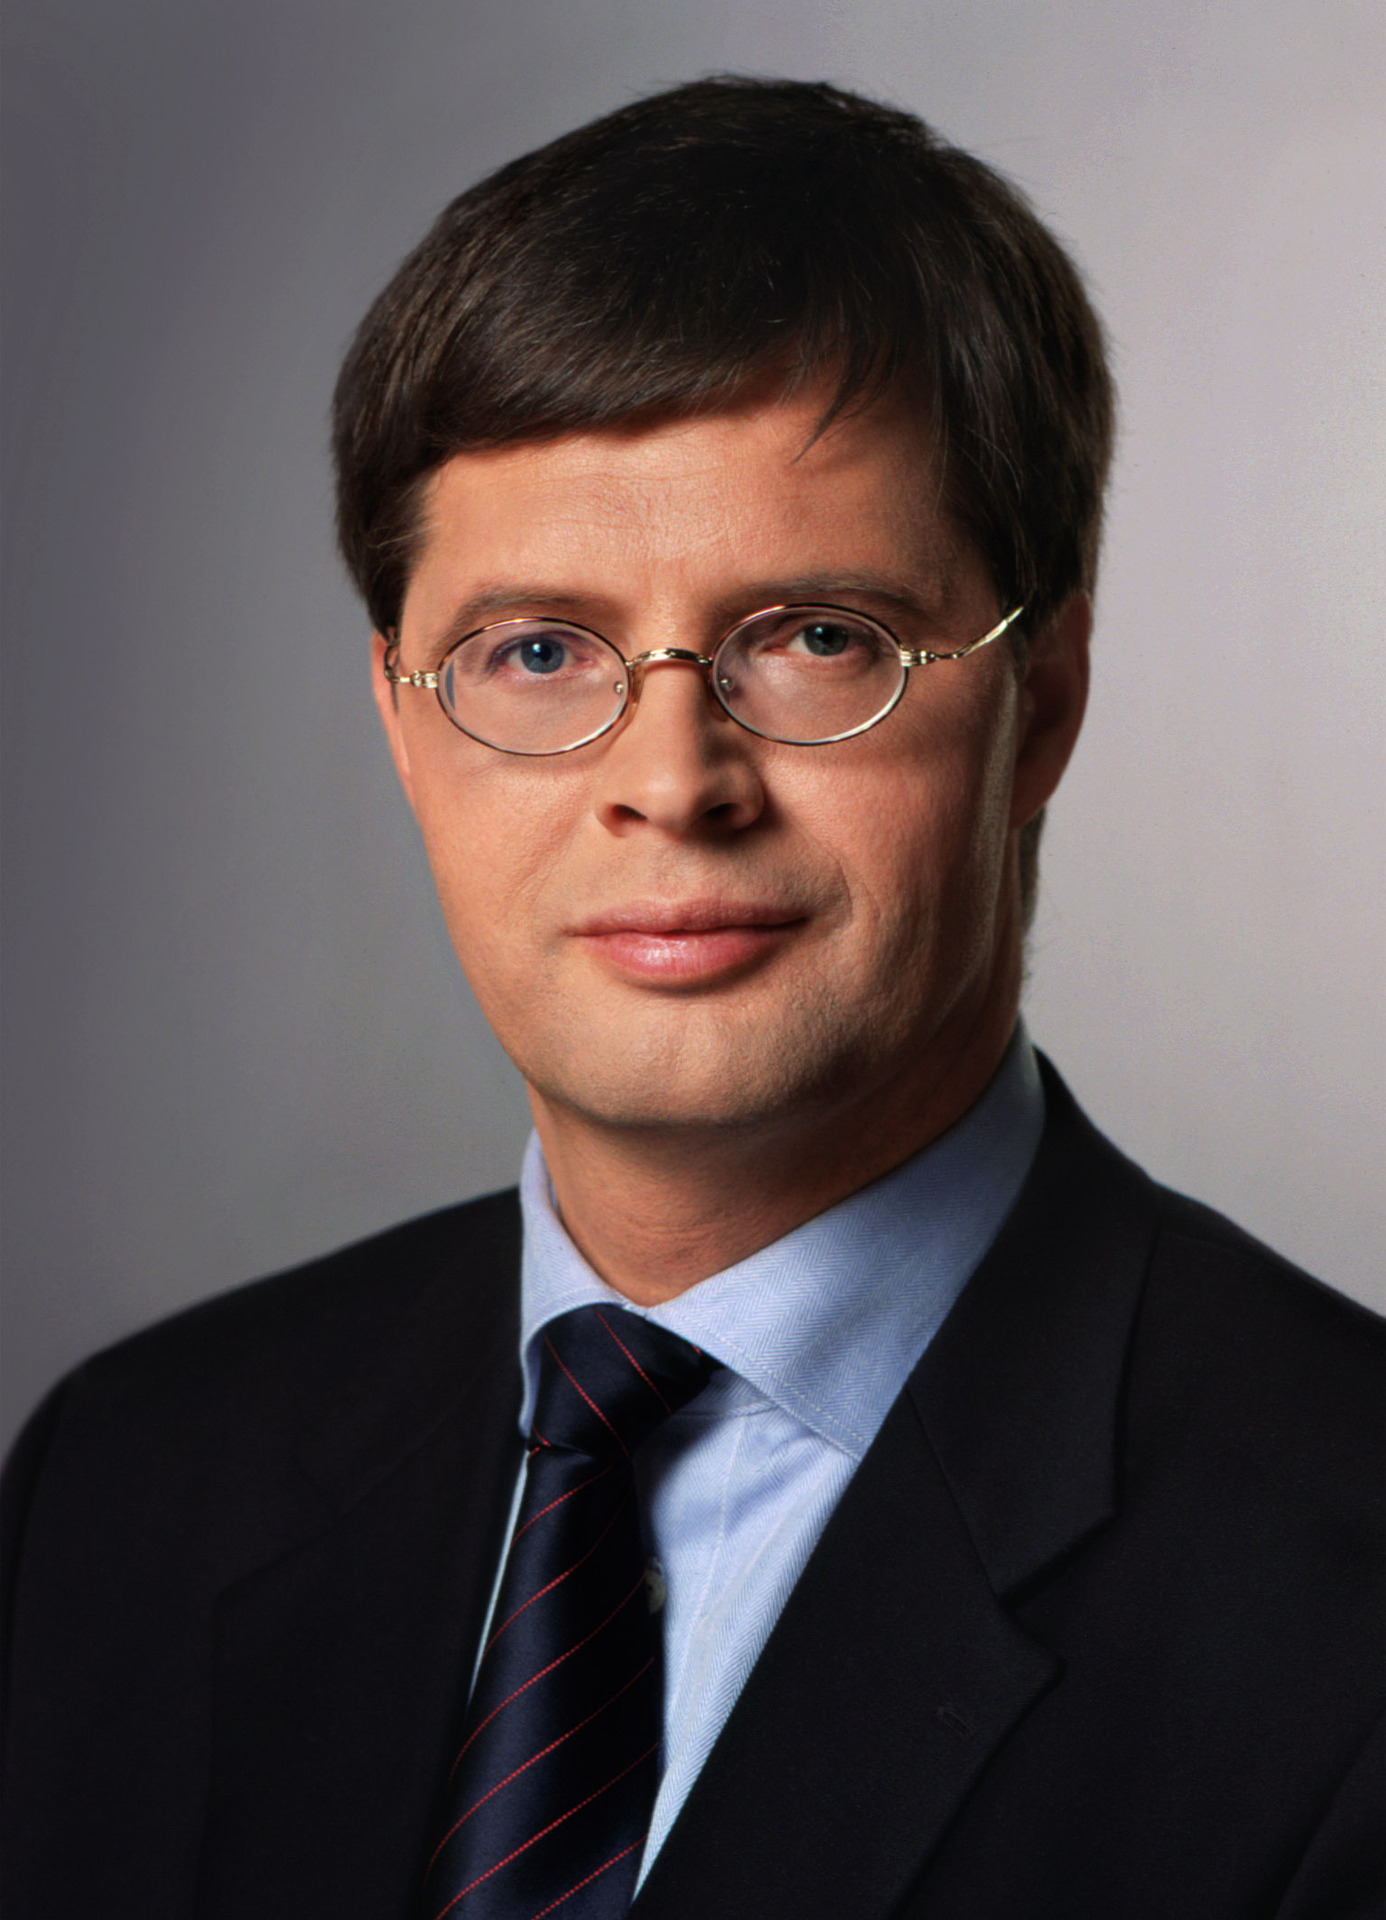 prime-minister-Balkenende-the-netherlands-247260_1386_1920.jpg